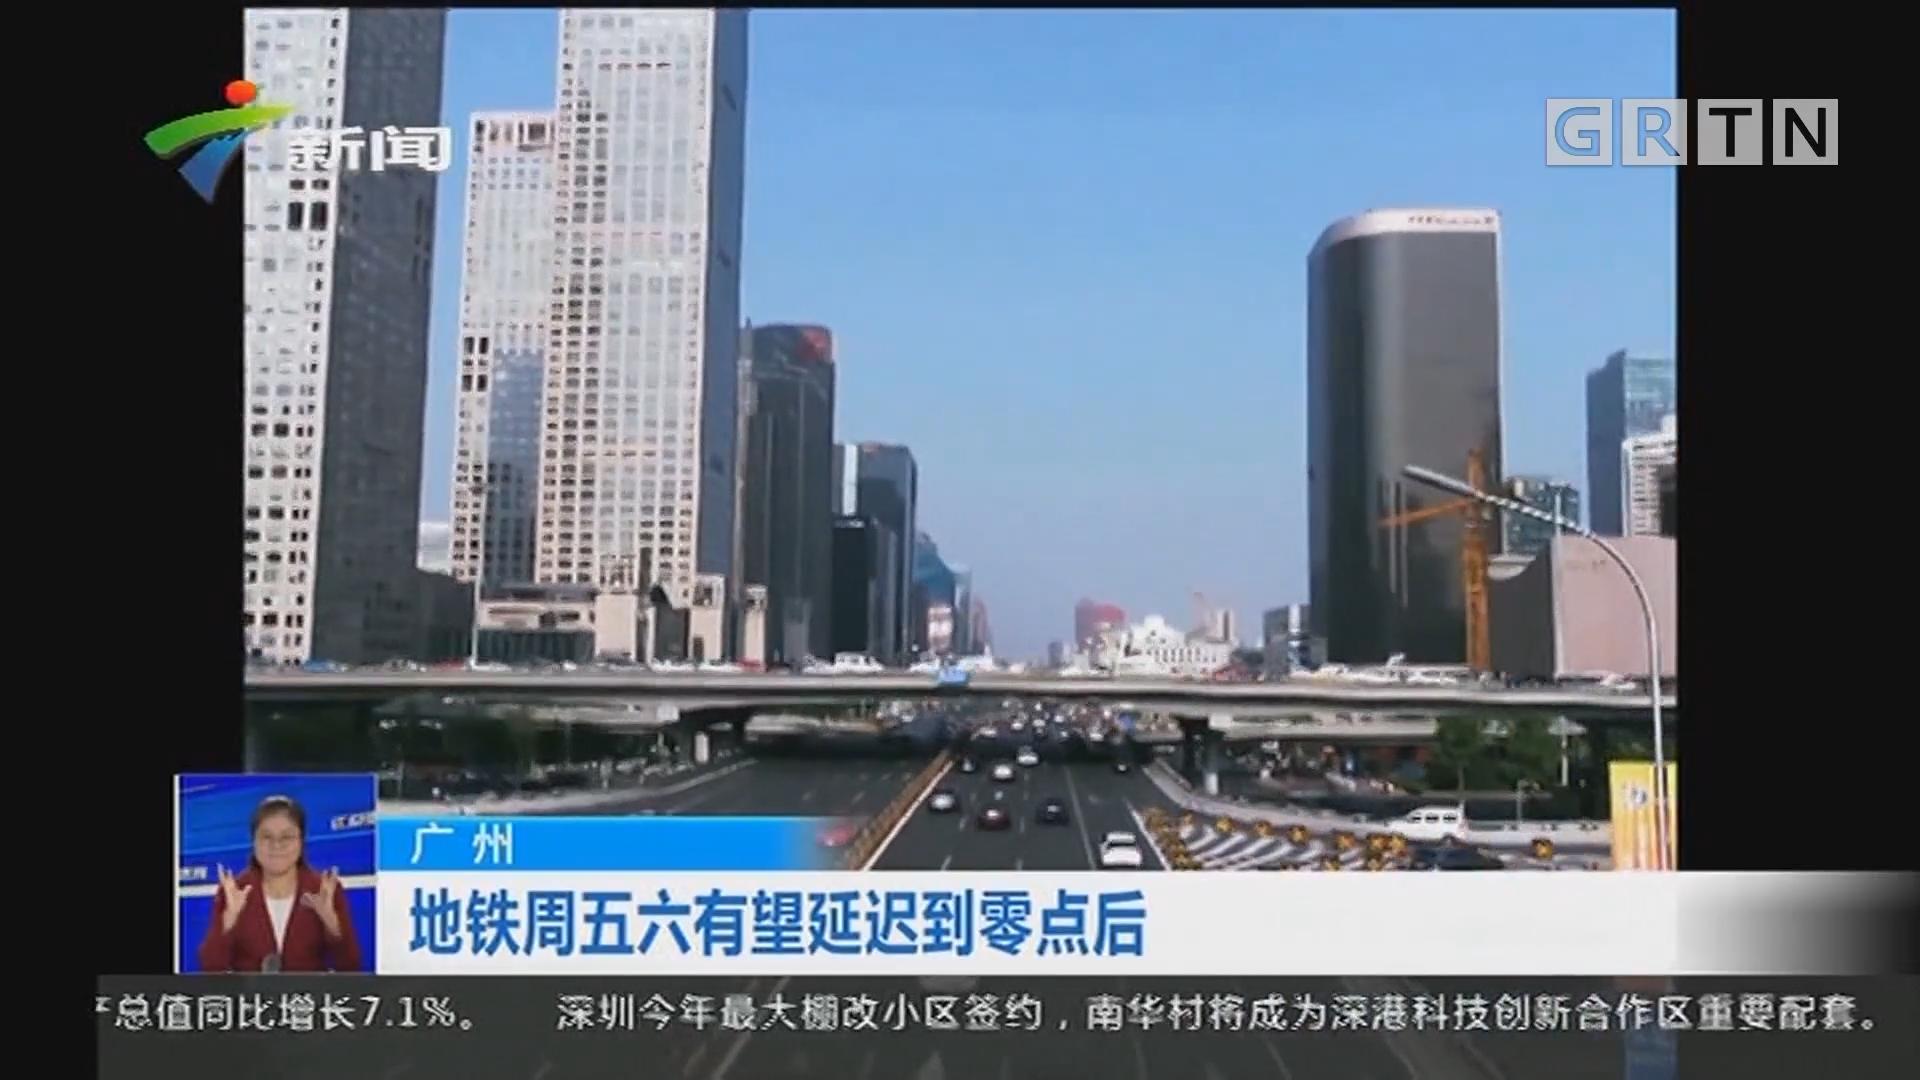 广州:地铁周五六有望延迟到零点后